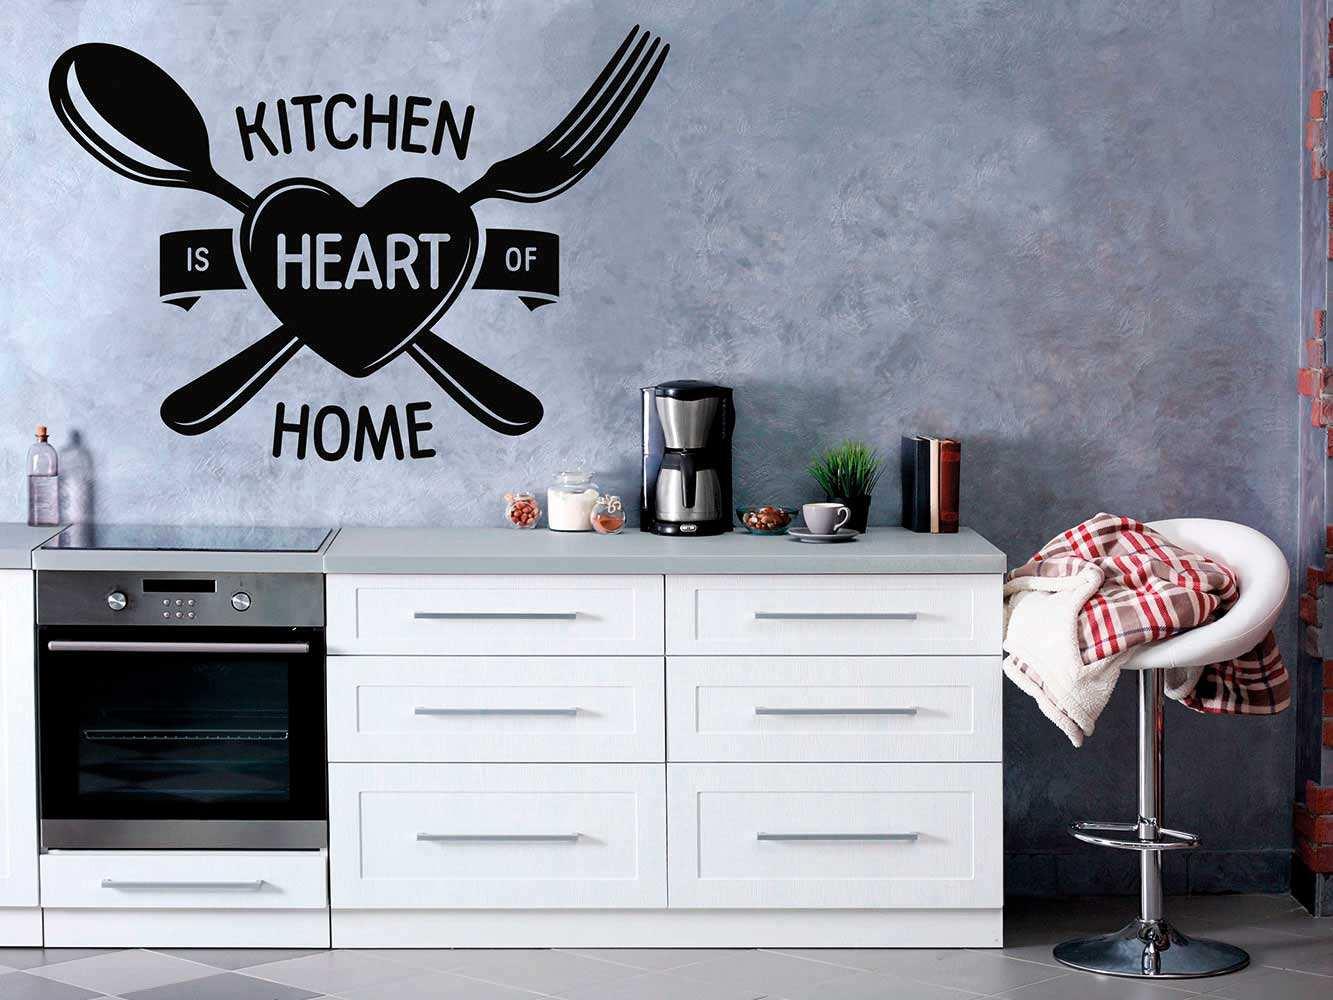 Vinilo Frases Kitchen Hearth Home | Carteles XXL - Impresión carteleria publicitaria